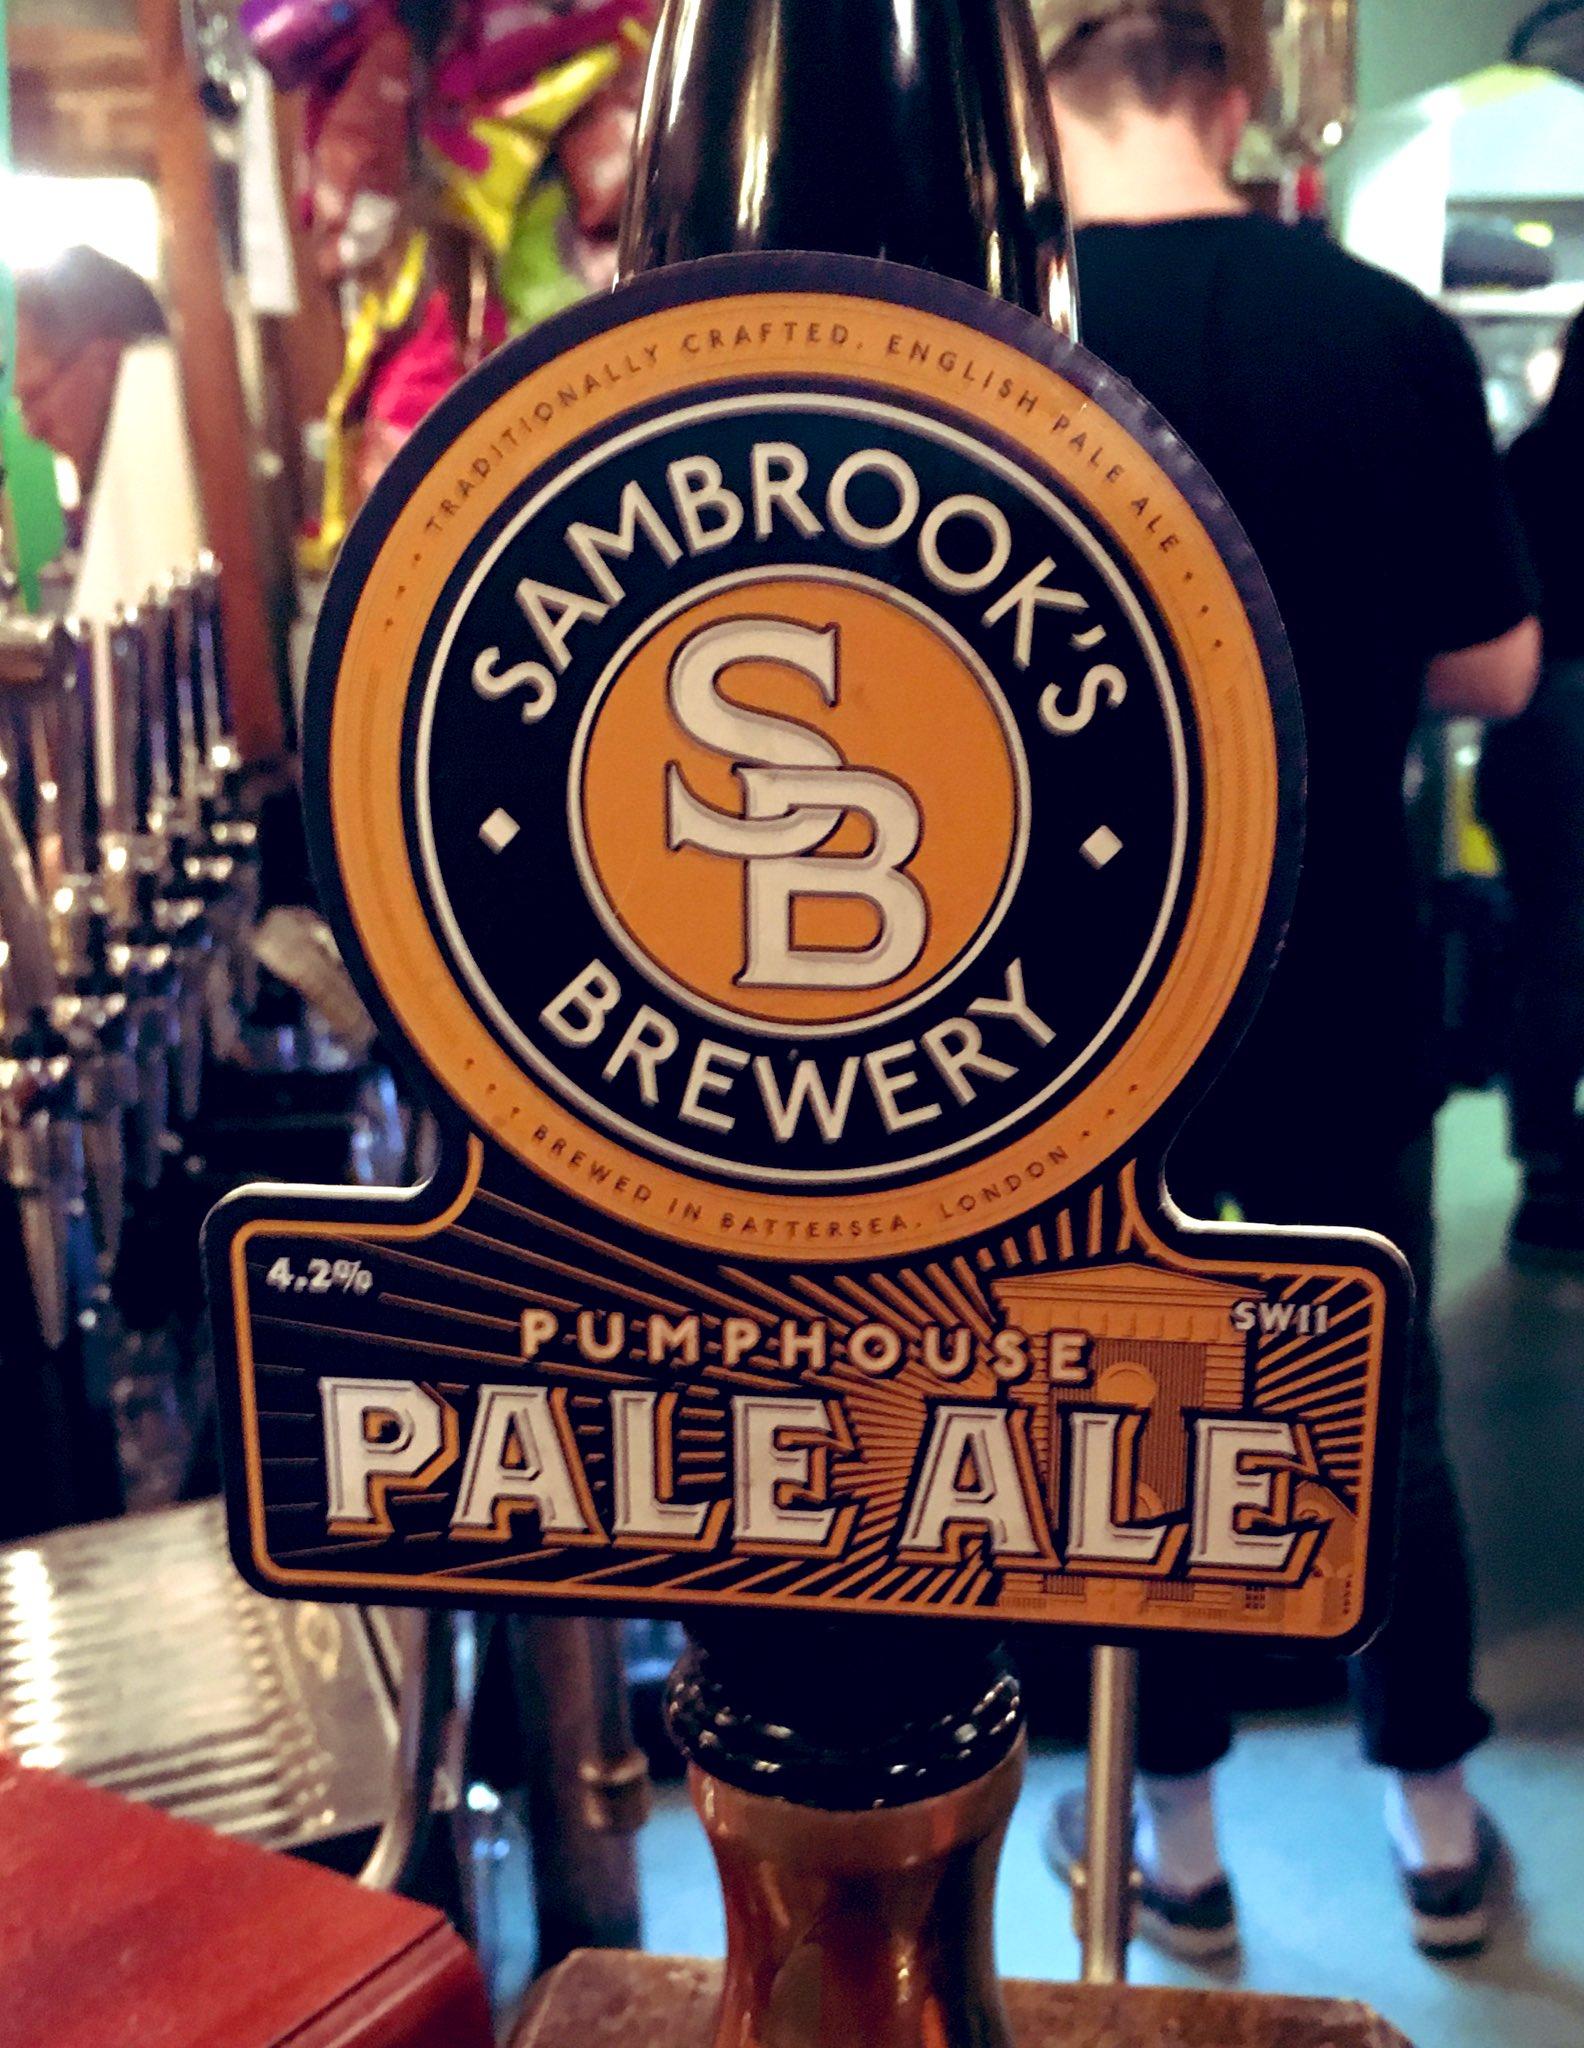 29: Pumphouse Pale Ale